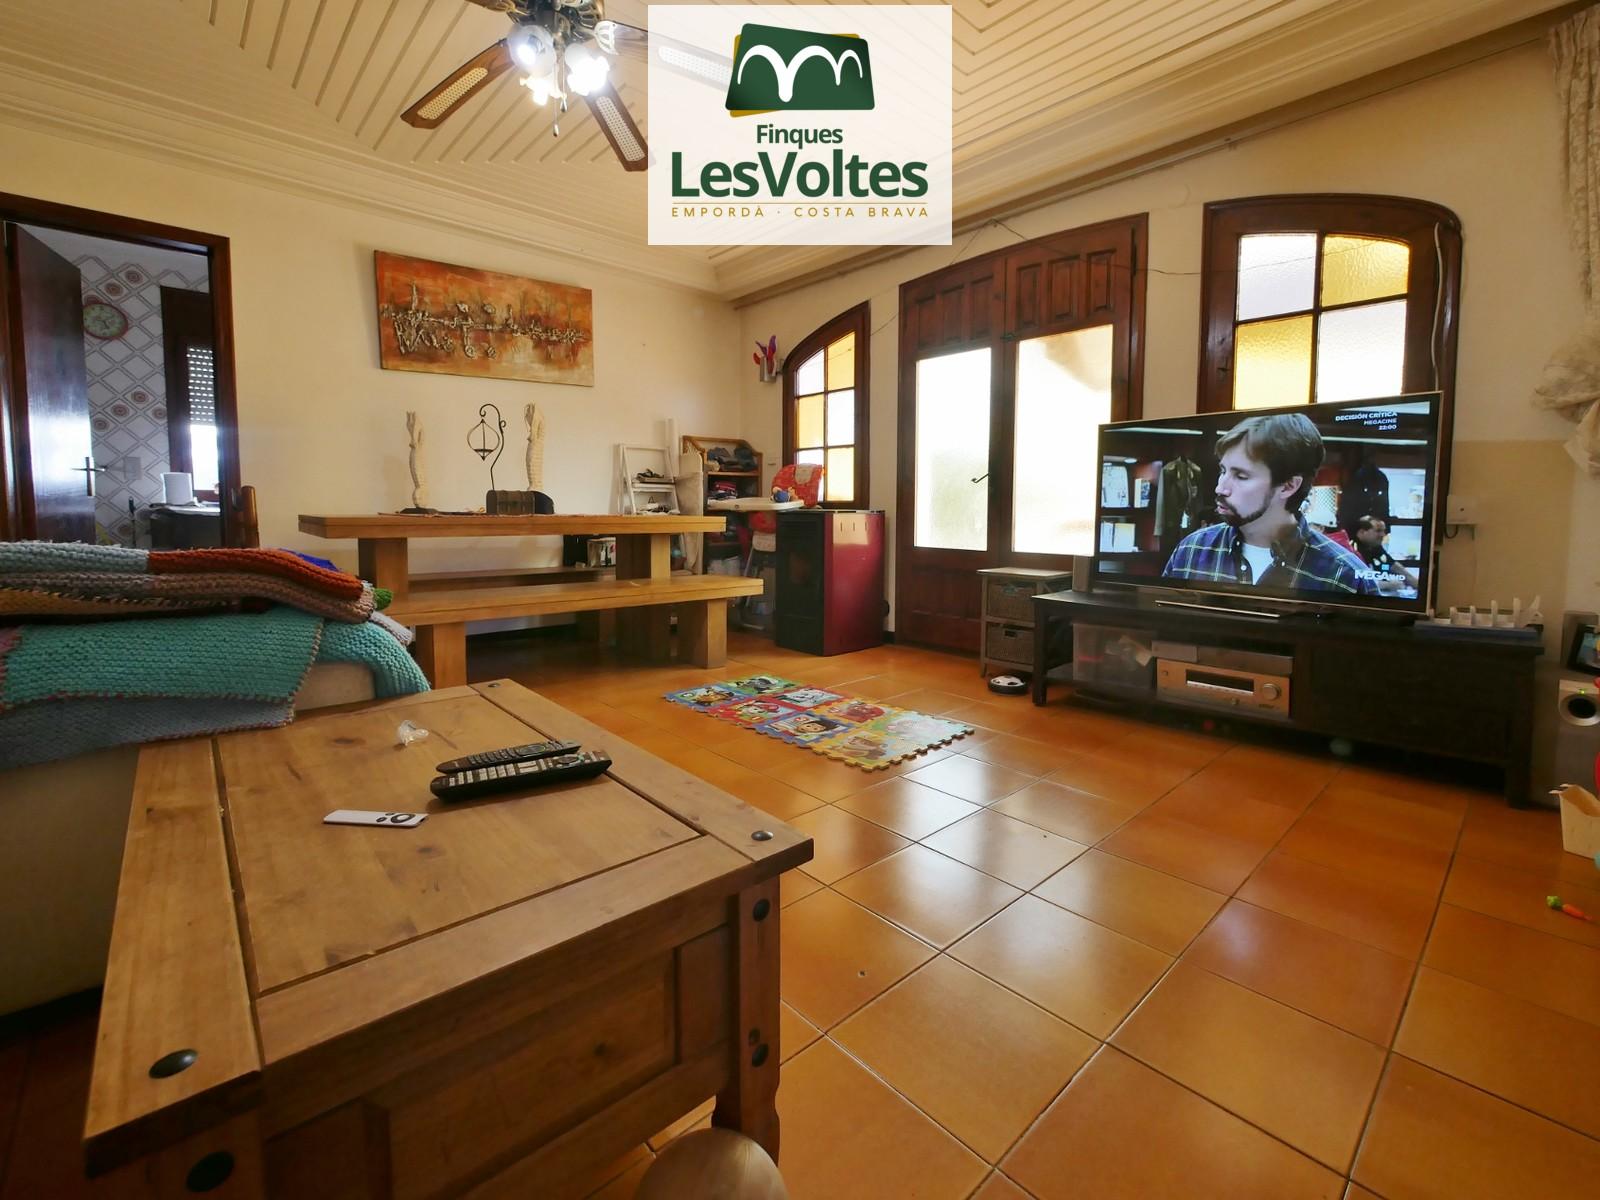 Casa amb garatge i pati en venda a Palafrugell. Situat en zona residencial tranquil·la.